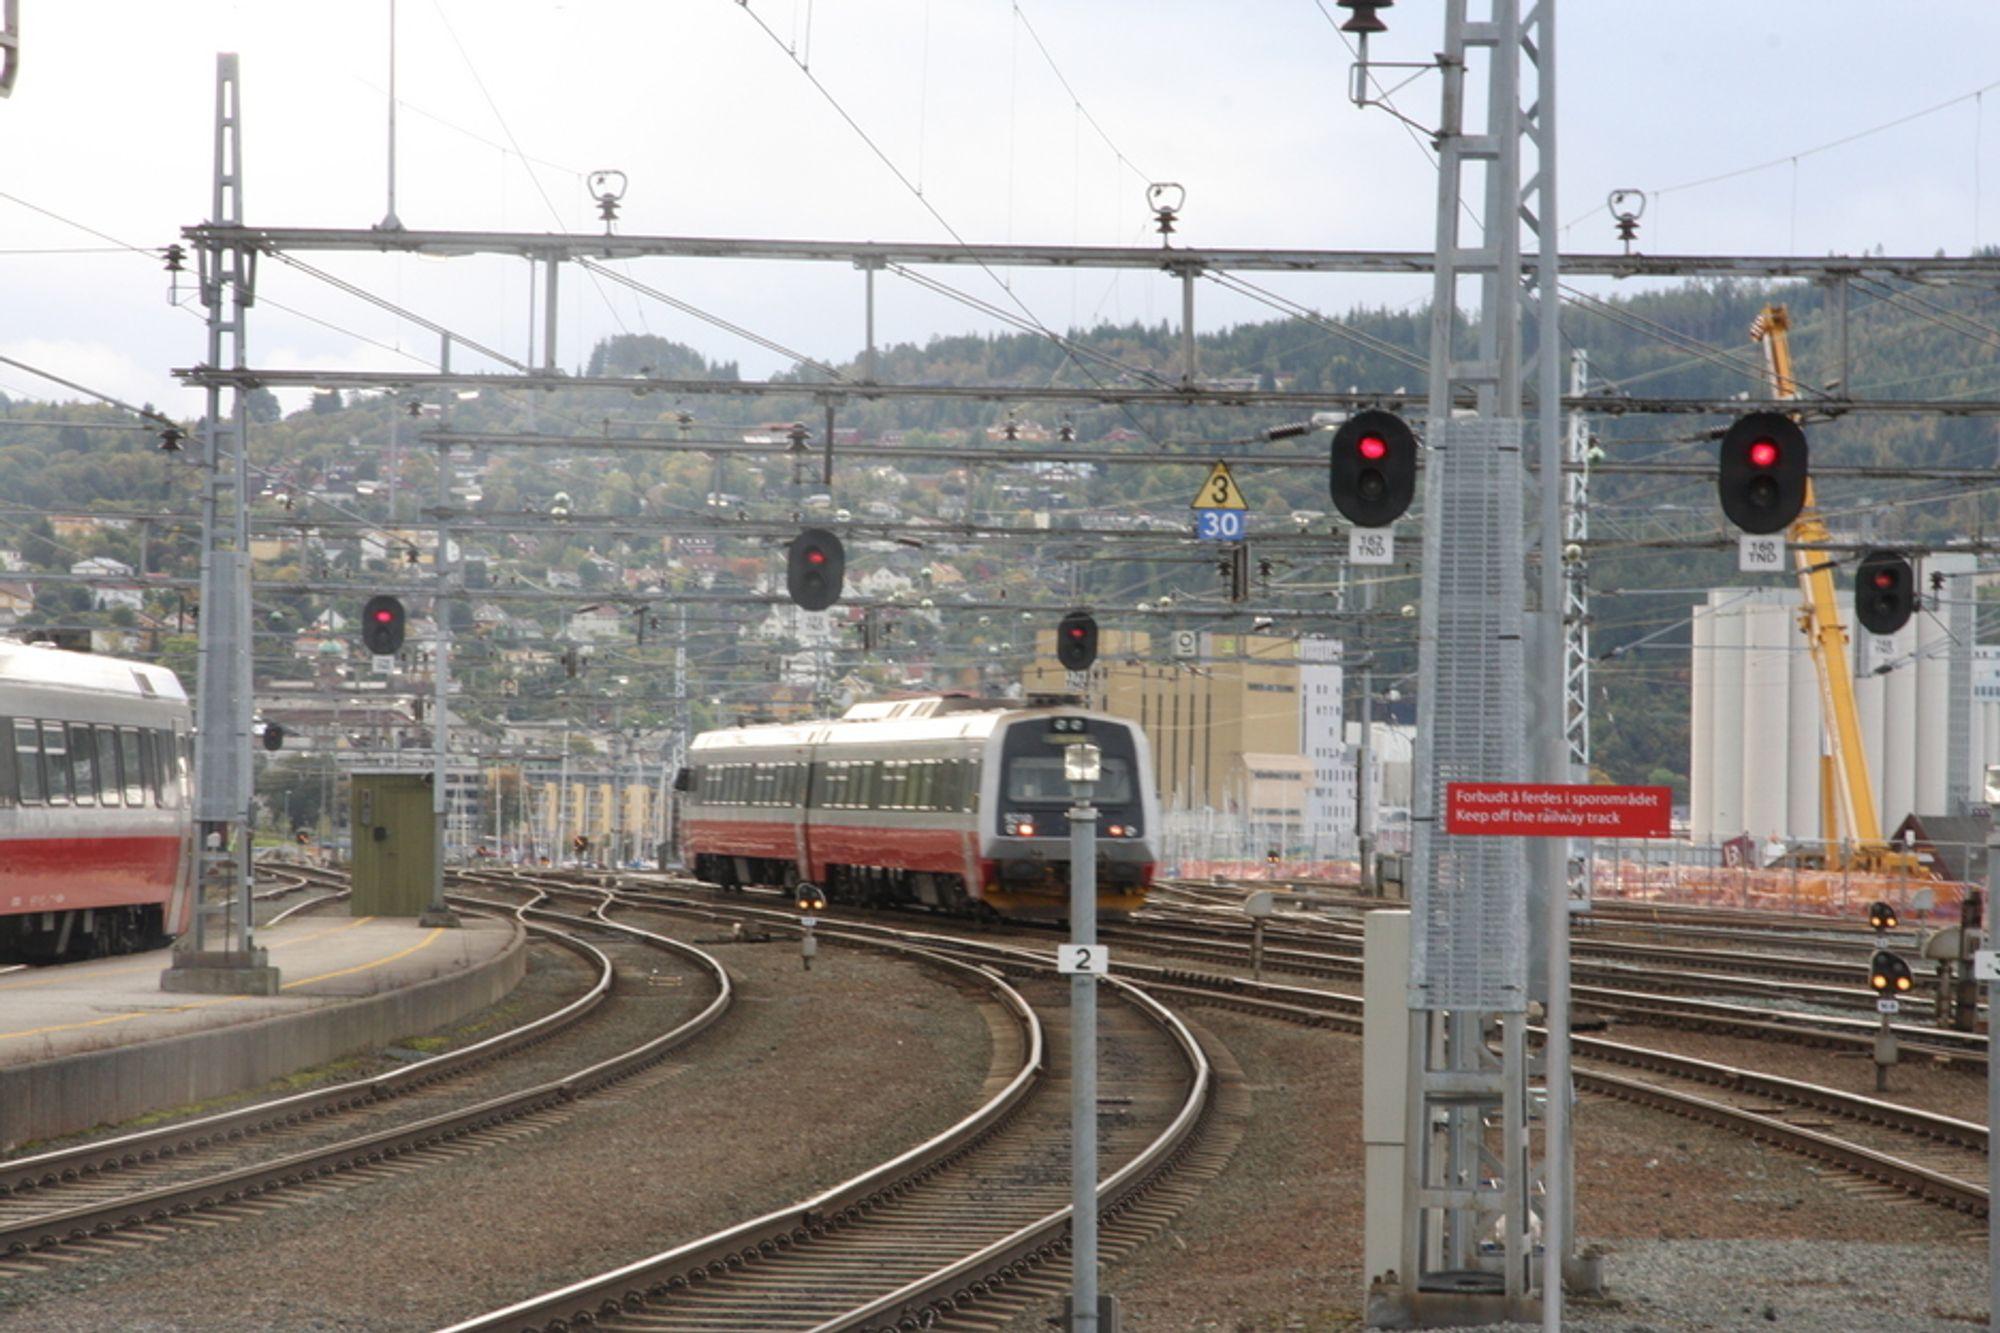 GAMMELT: Mange signalanlegg i det norske jernbanenettet begynner å nå kritisk alder, noe som skaper trøbbel med hensyn til trafikken.